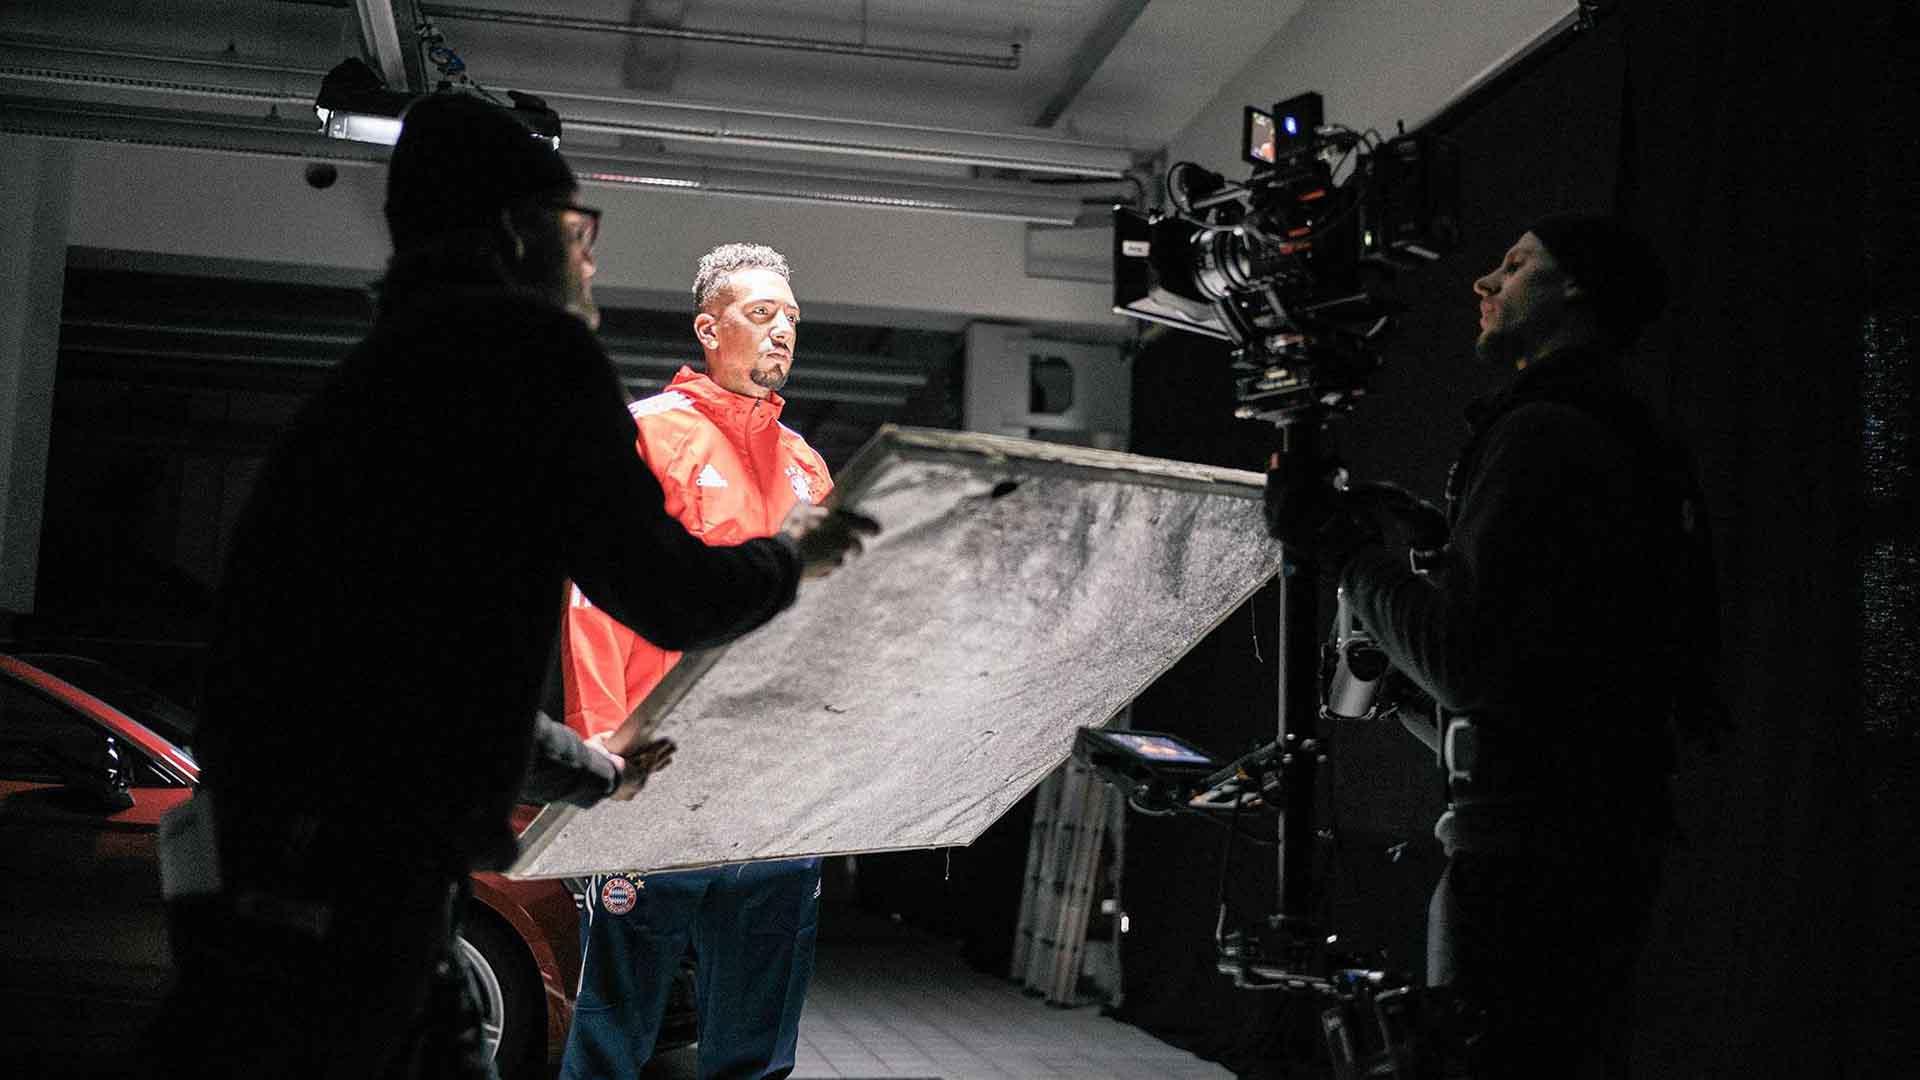 Das Bild zeigt einen Fussballer des FC Bayern München. Es ist Jérôme Boateng. Auf dem Bild ist nur er angeleuchtet. Der Rest des Bildes steht im Schatten. Ein Mann hält einen Reflektor vor sein Gesicht. Auf ihn ist eine Kamera gerichtet. Das Bild dient als Sliderbild für den Portfolioeintrag Audi / FC Bayern – Glückliche Nachbesitzer von Panda Pictures.